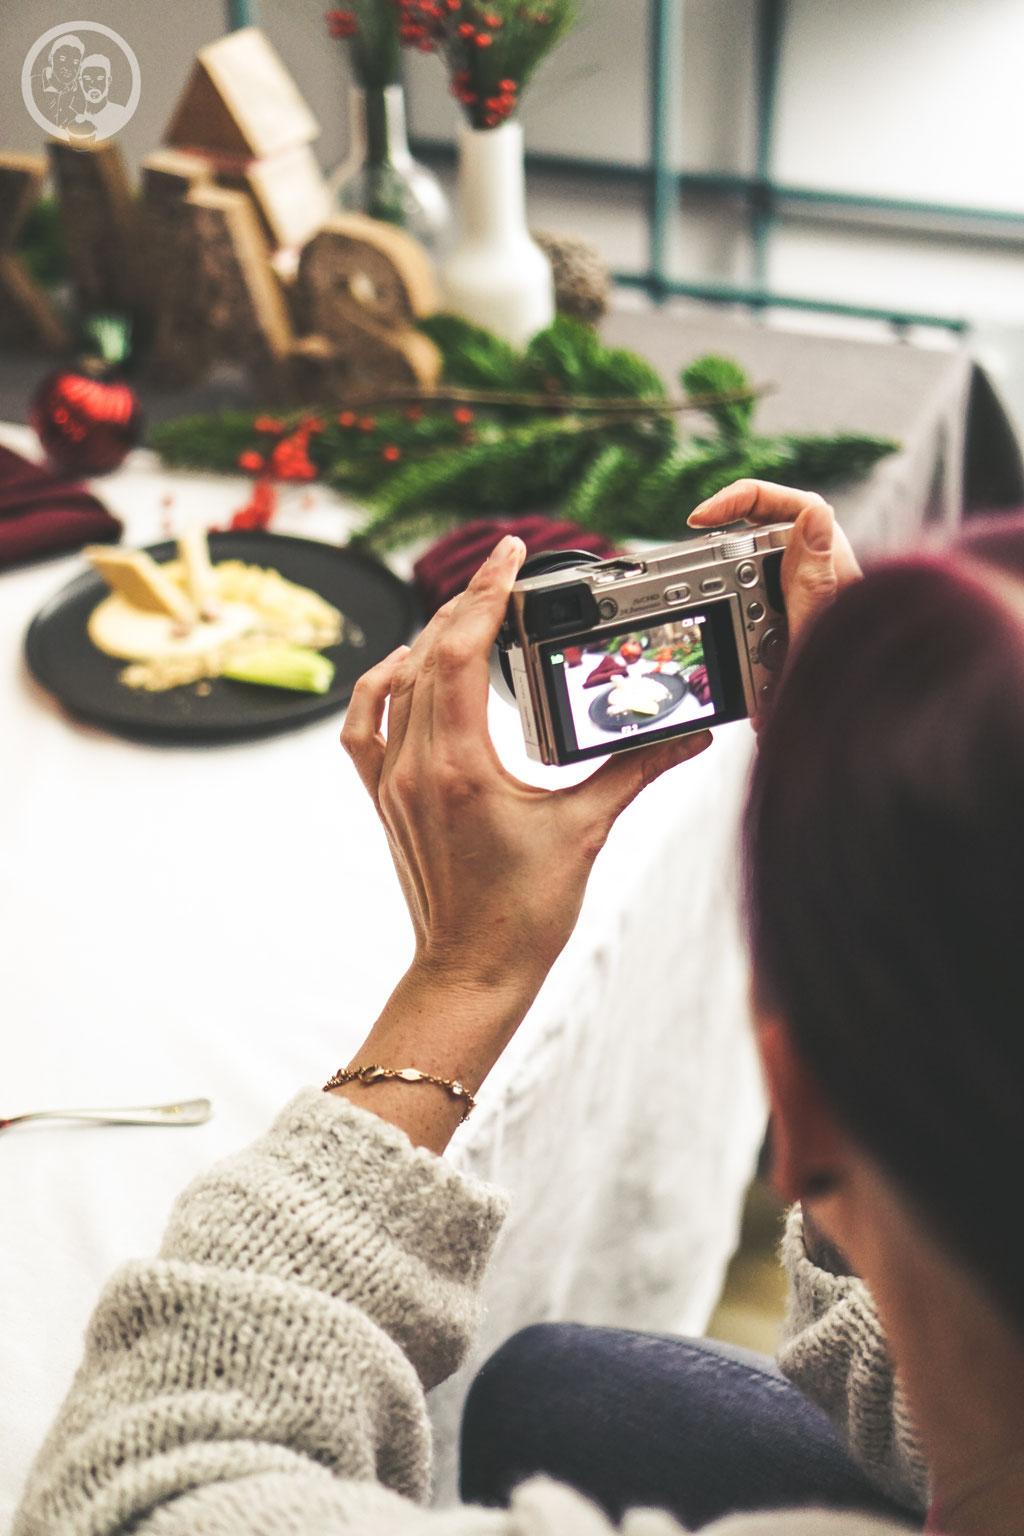 image 1 8 2 8 1 | Letzte Woche Sonntag war es wieder soweit! Der ein oder andere wird es bei Instagram gesehen haben, bei uns hieß es wieder Food.Blog.Friends.